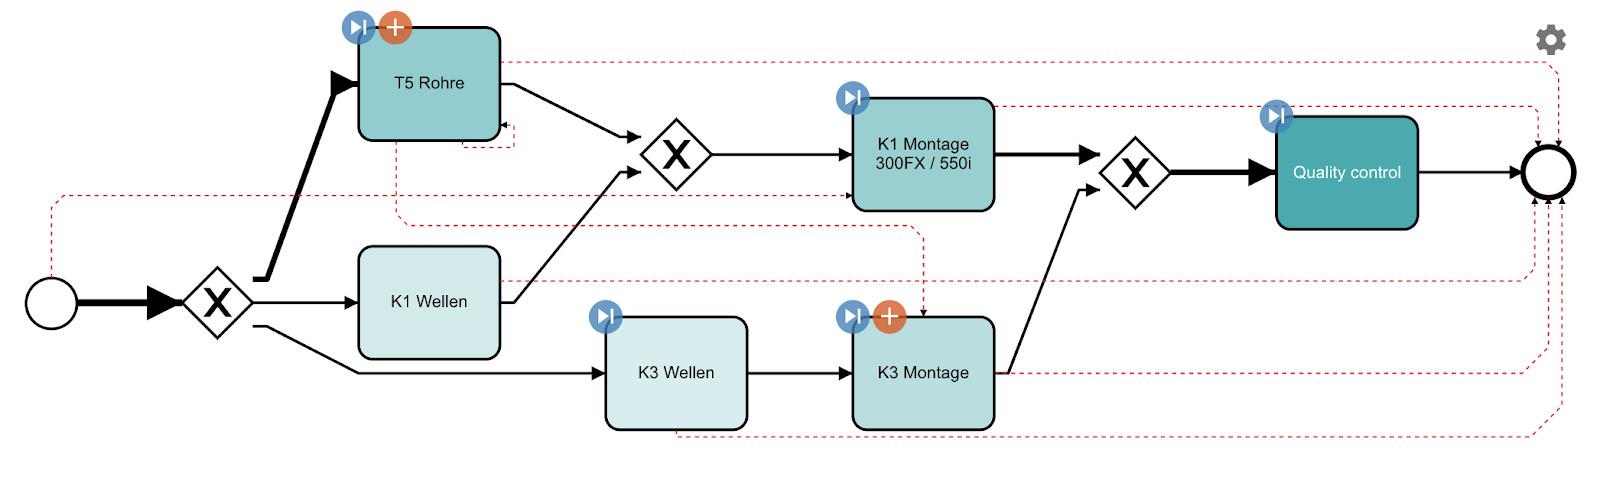 Die Funktion eines automatisierten Soll/Ist-Abgleichs (Conformance Checking) zeigt alle Prozessabweichungen (nicht konforme Prozessvarianten) auf dem Prozessmodell an. (Bild: Lana Labs GmbH)